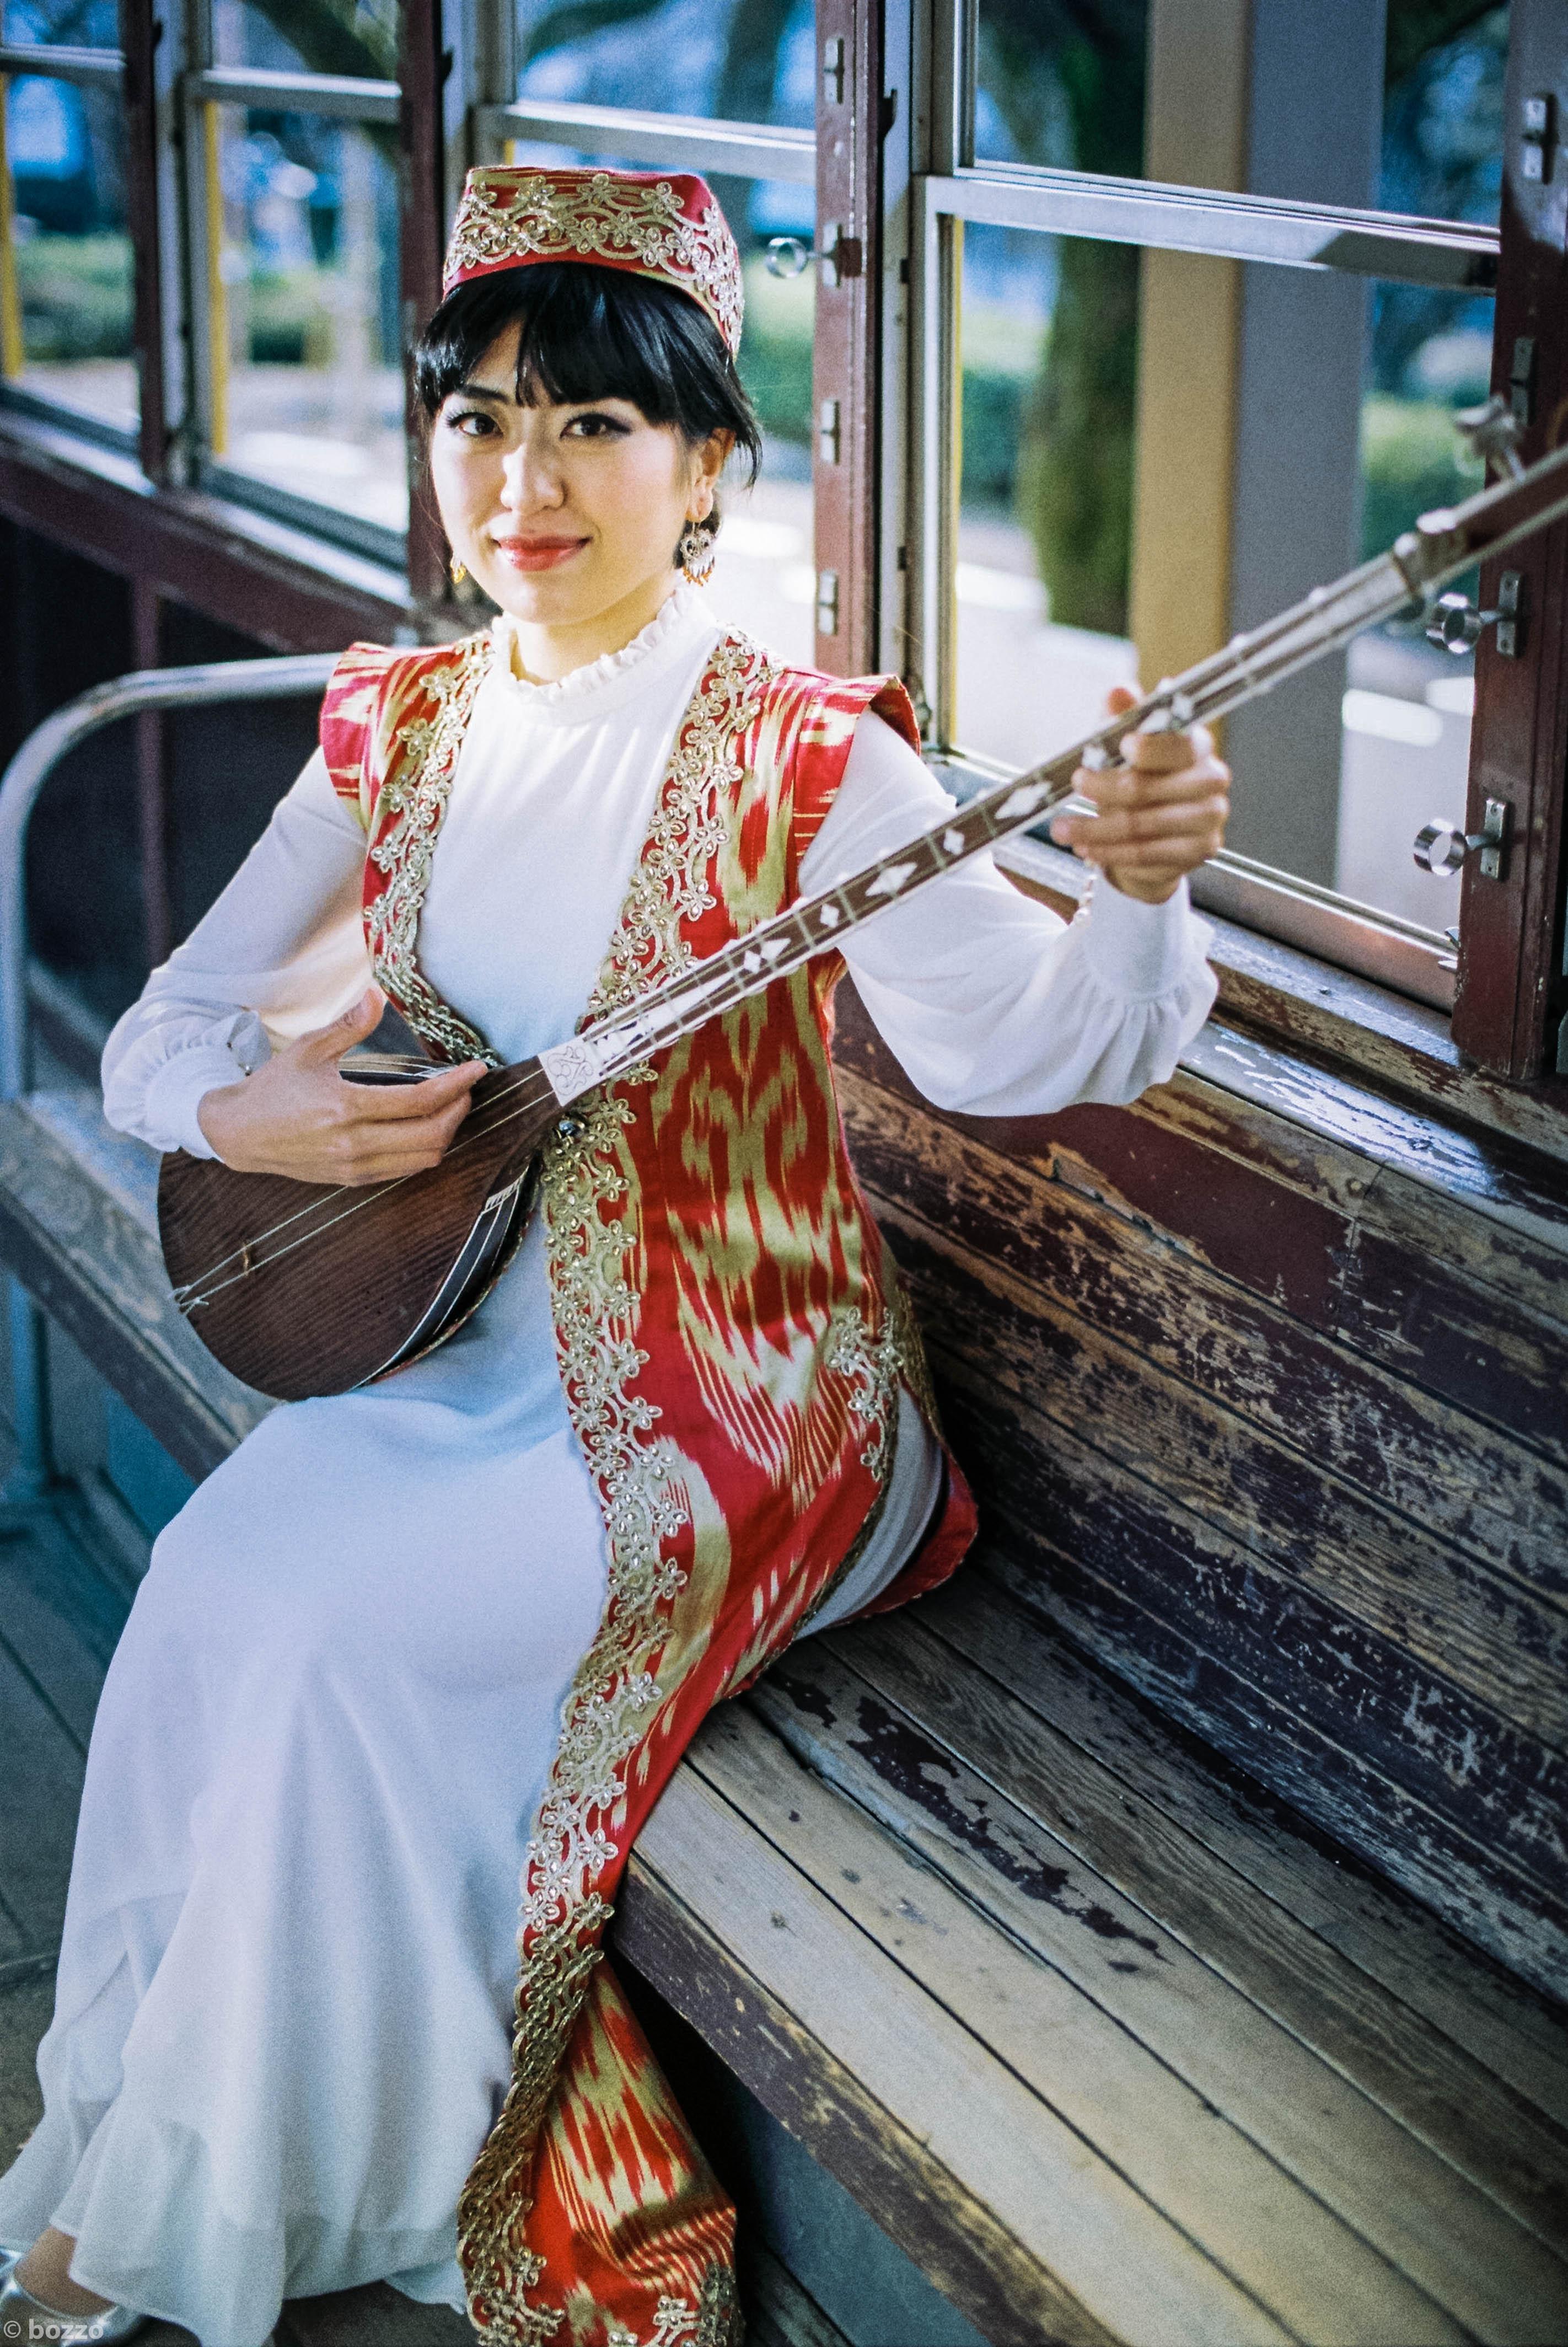 【まちかどコンサート】シルクロードの響き~ウズベキスタン・タジキスタンの音楽~の画像